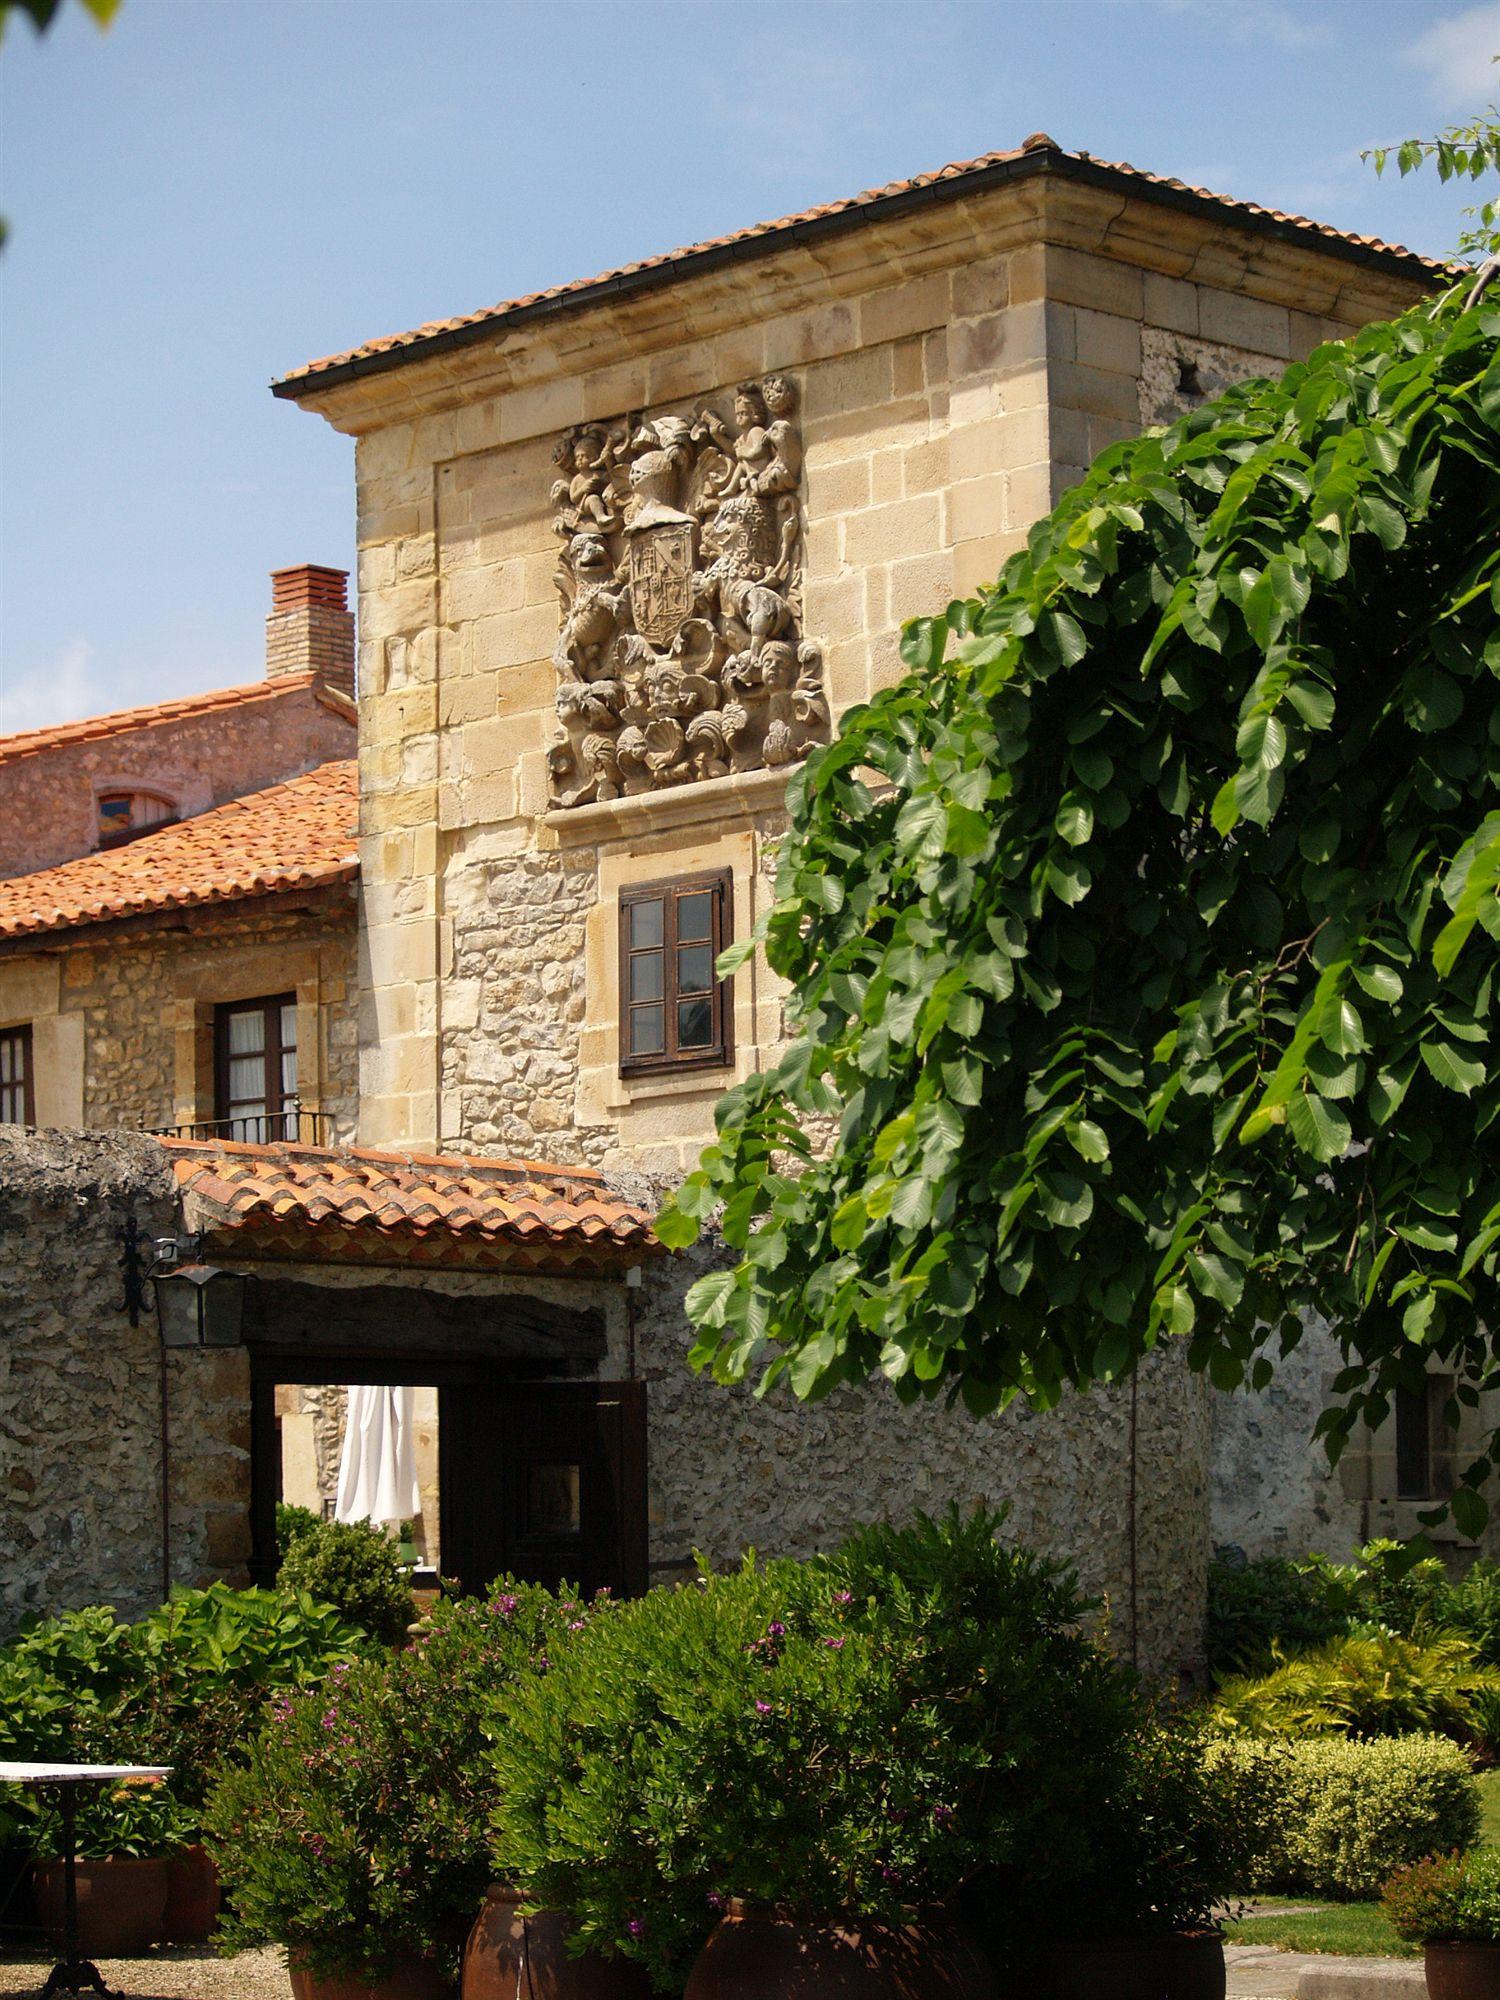 Hotel Palacio de la Pena